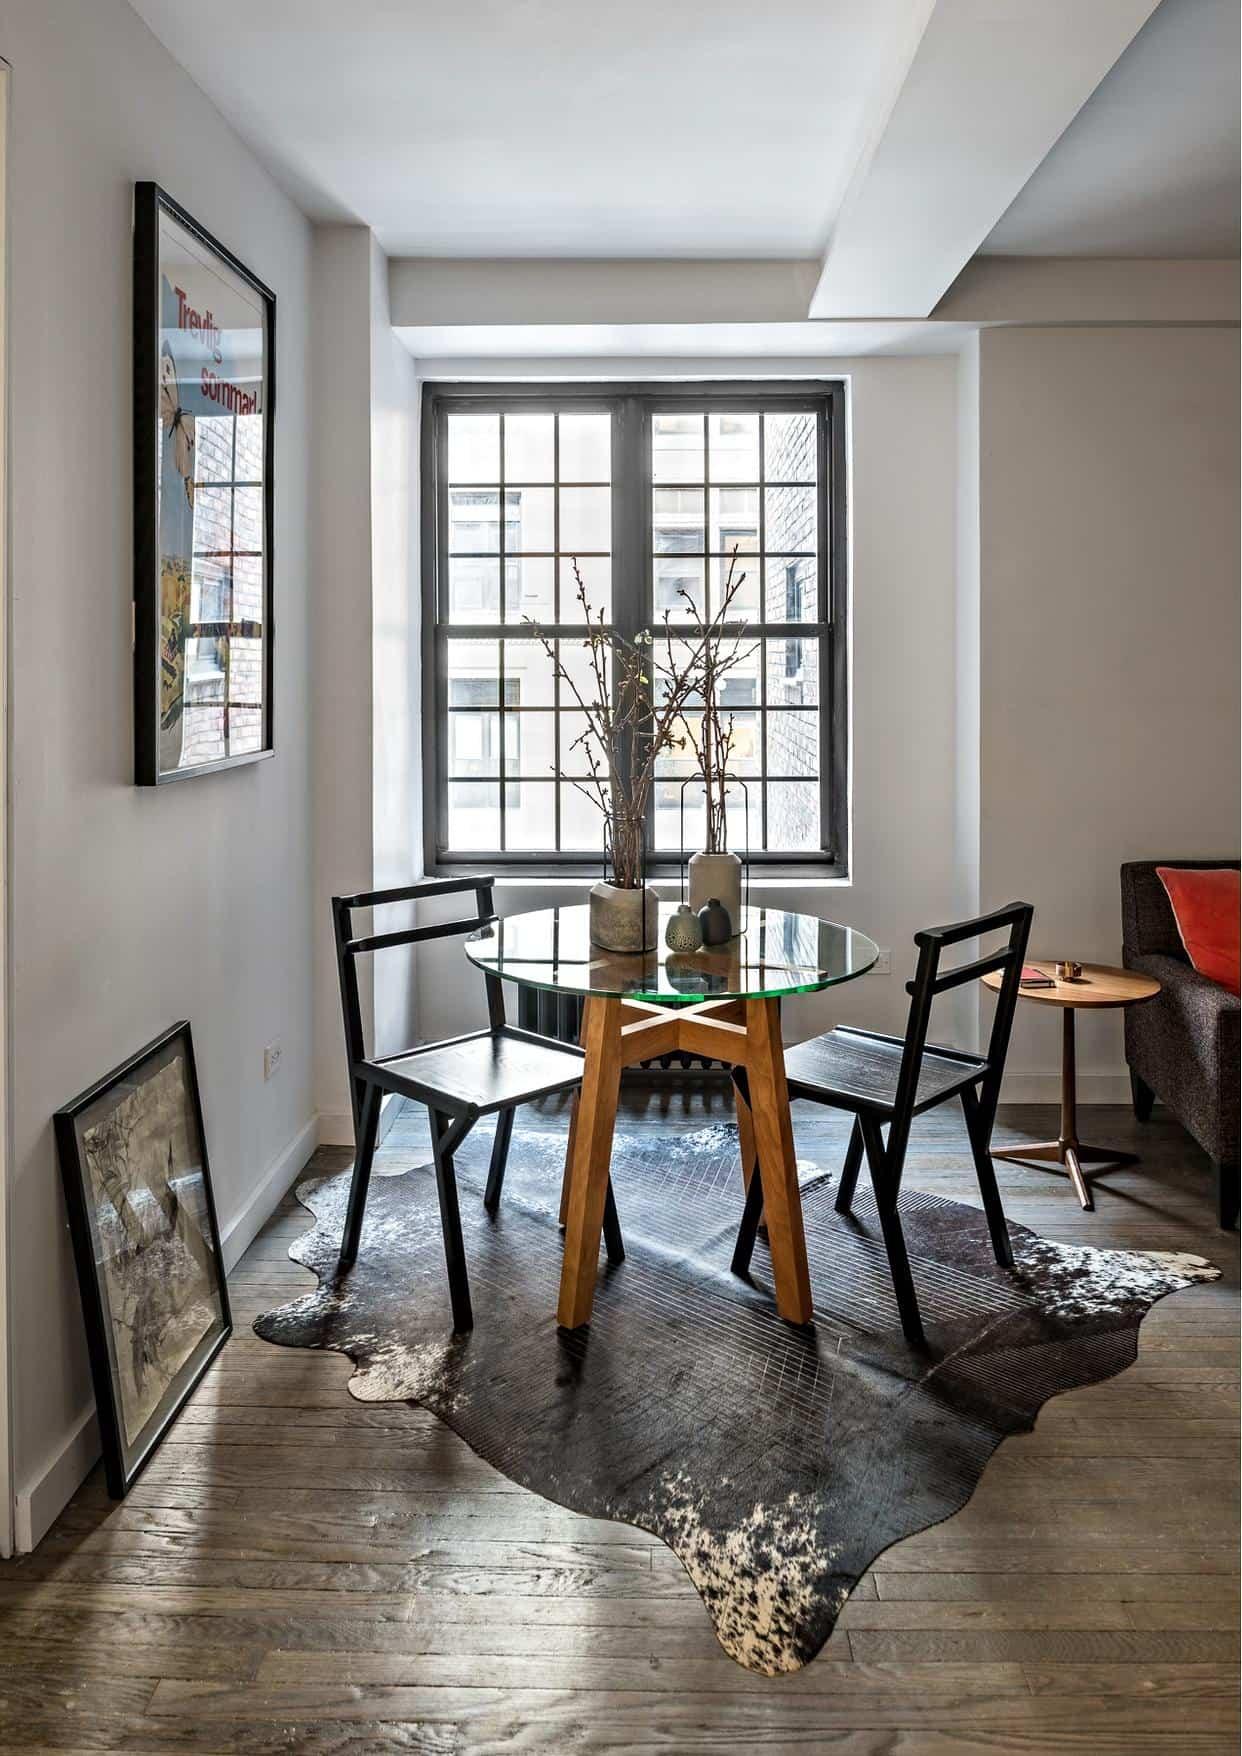 apartamento 5 en 1 mesa cerca de la ventana